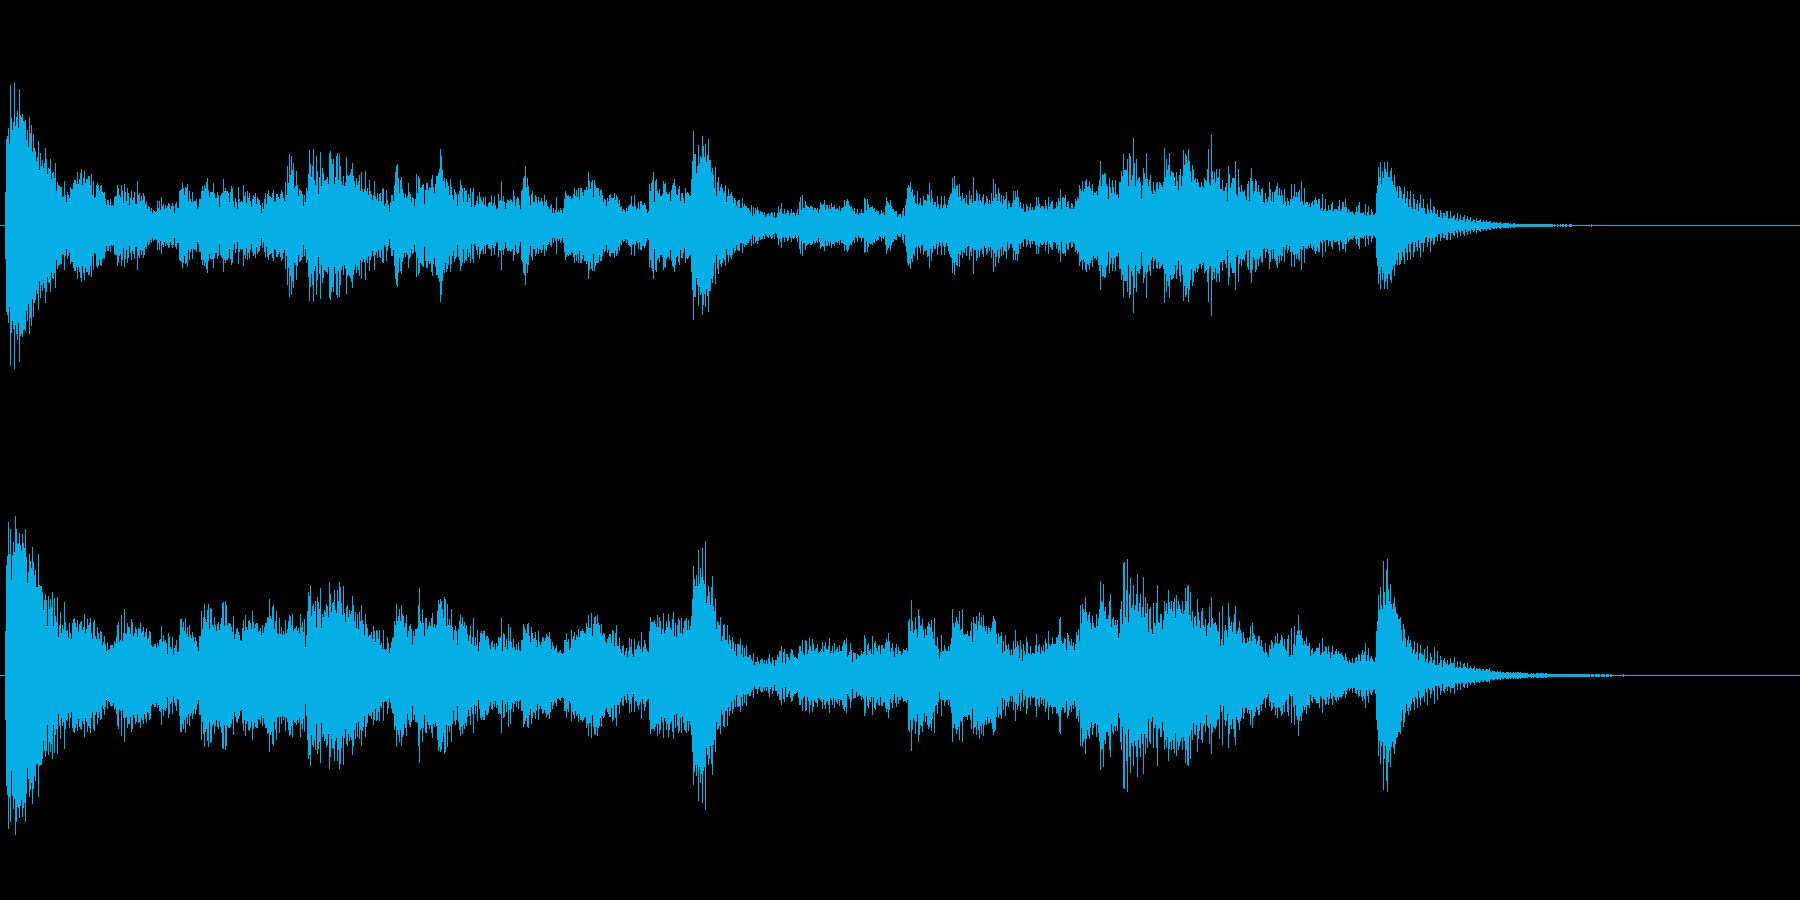 金属音のリズム刻み系アイキャッチ音の再生済みの波形